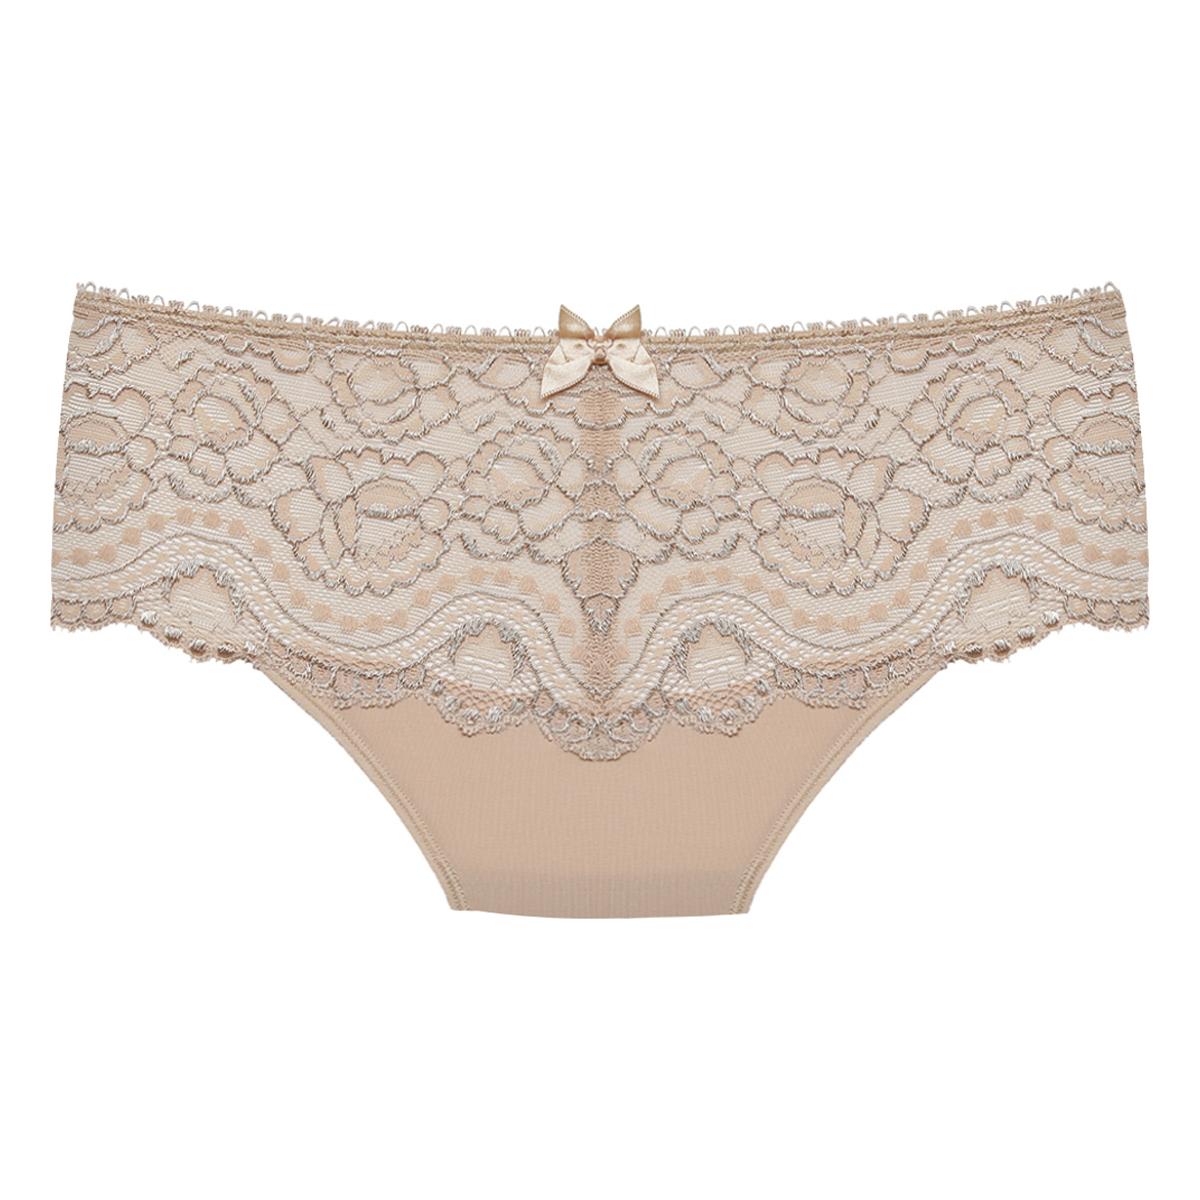 Midi knickers in beige – Flower Elegance, , PLAYTEX